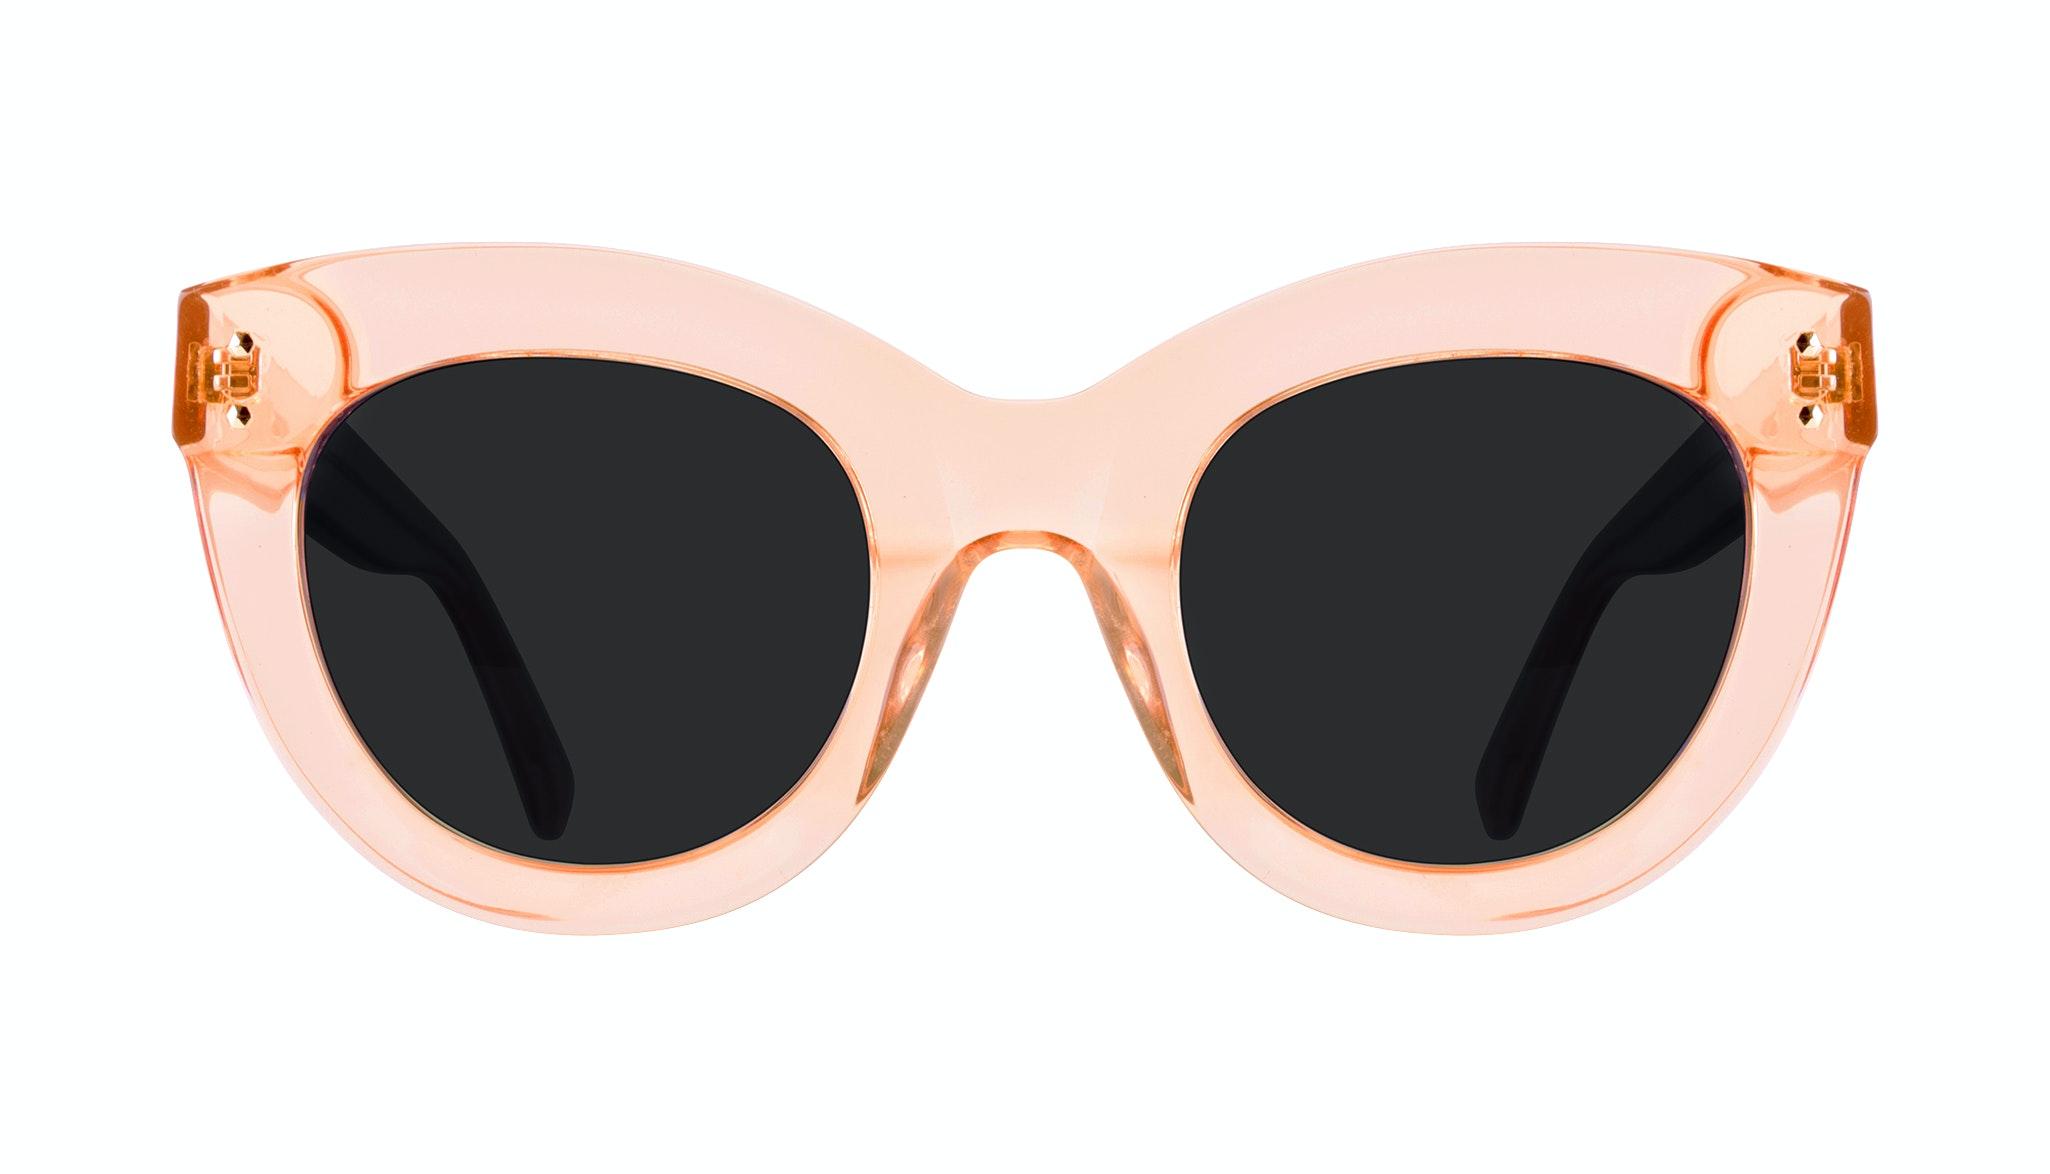 Lunettes tendance Oeil de chat Lunettes solaires Femmes Dusk Peach Face